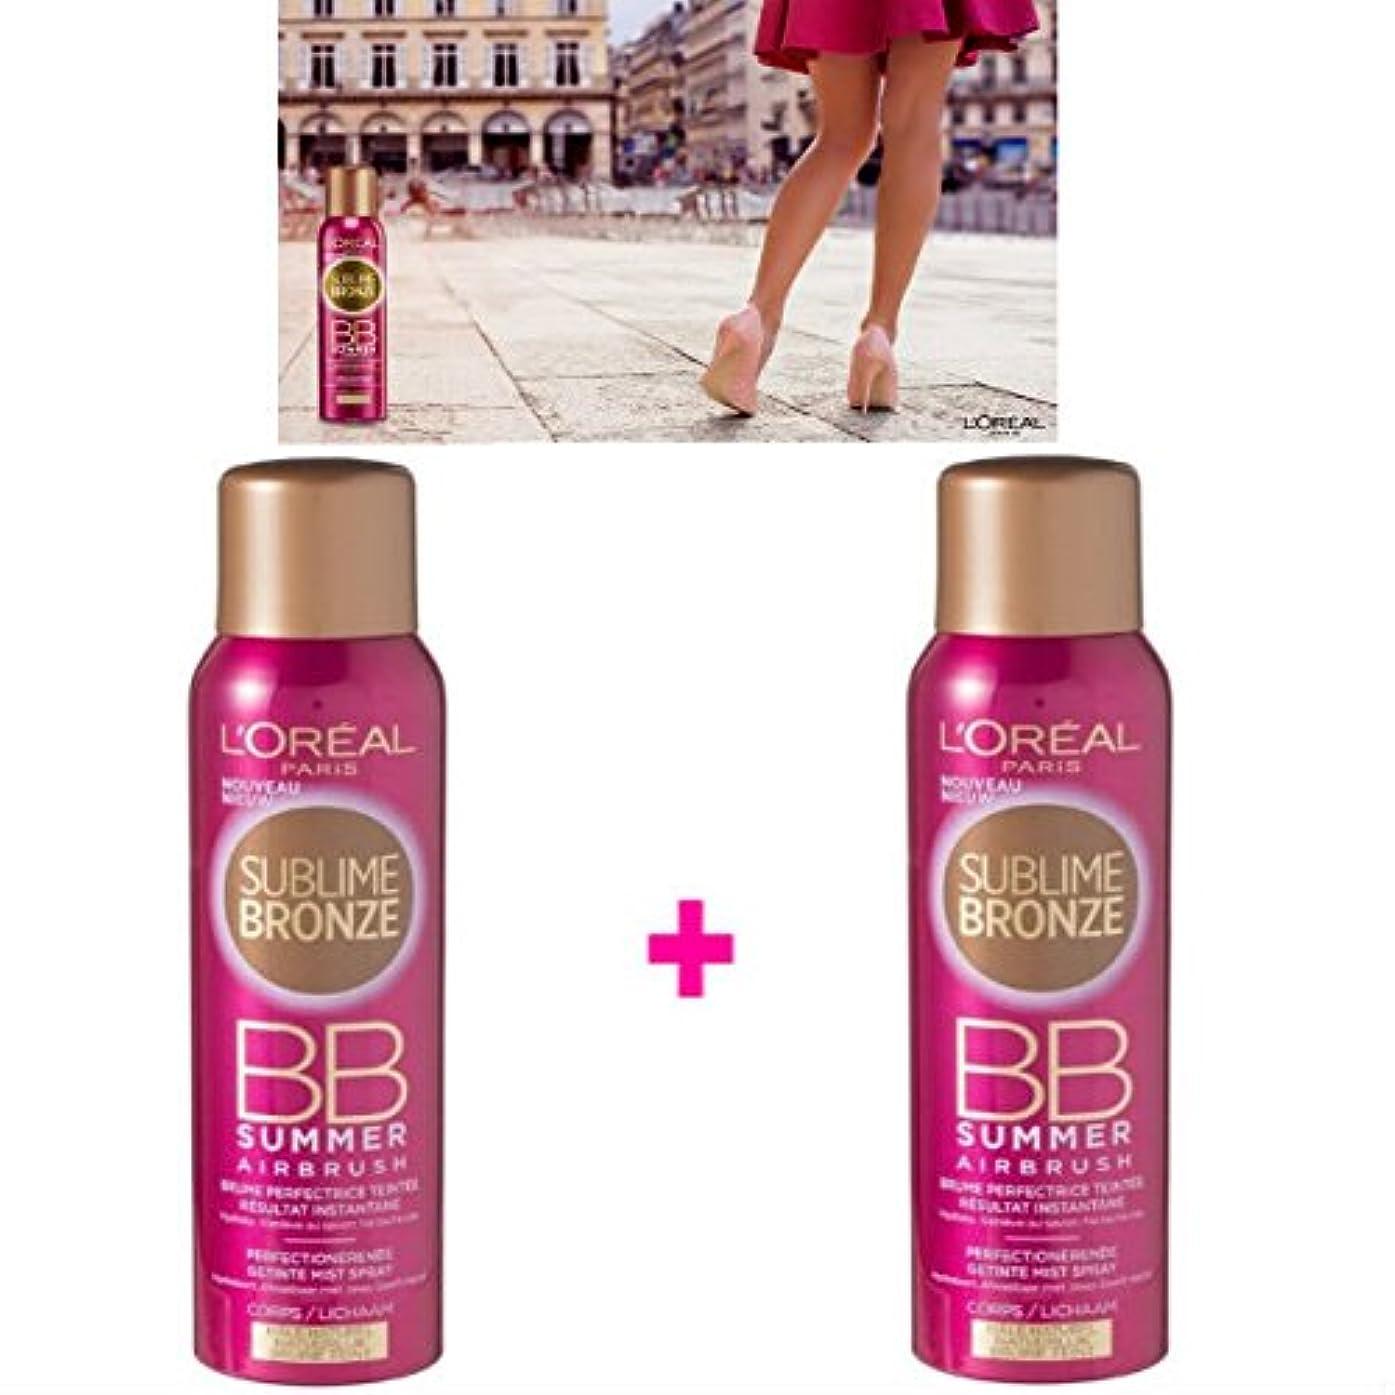 欺比較的癒すL 'Oréal Paris Nebel Tint ohne Selbstbräuner Körper (2 x 150 ml) (Lot de 2 Produkte)